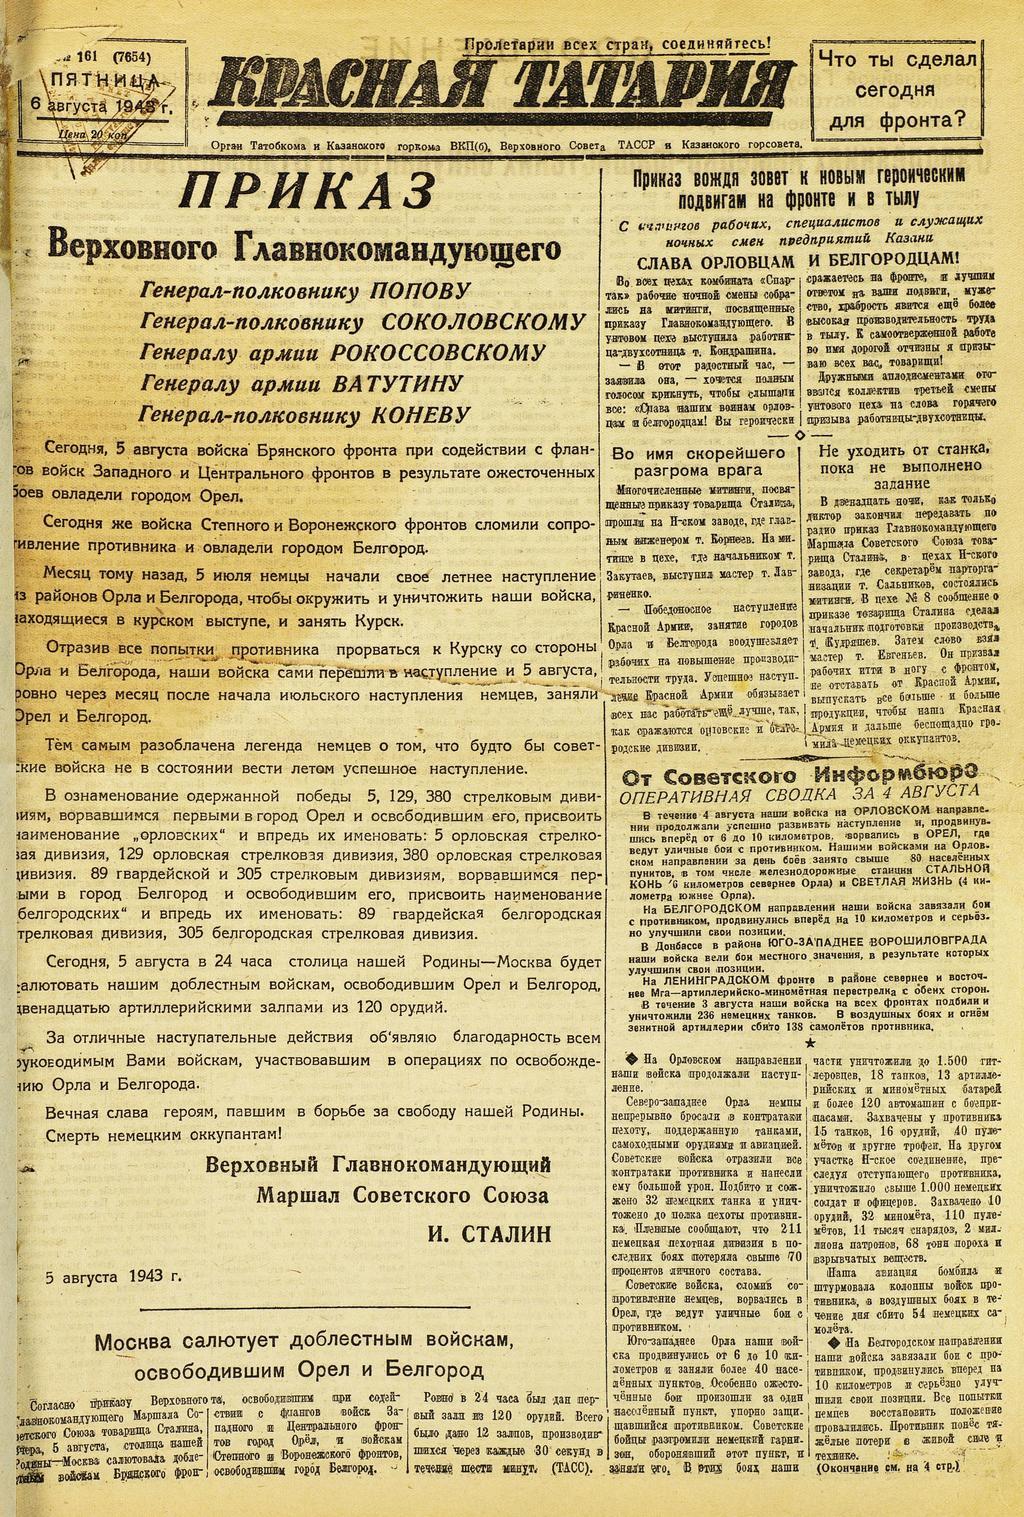 Газета «Красная Татария». 6 августа 1943 года (№161)  от 6 августа  л1 ©Tatfrontu.ru Photo Archive